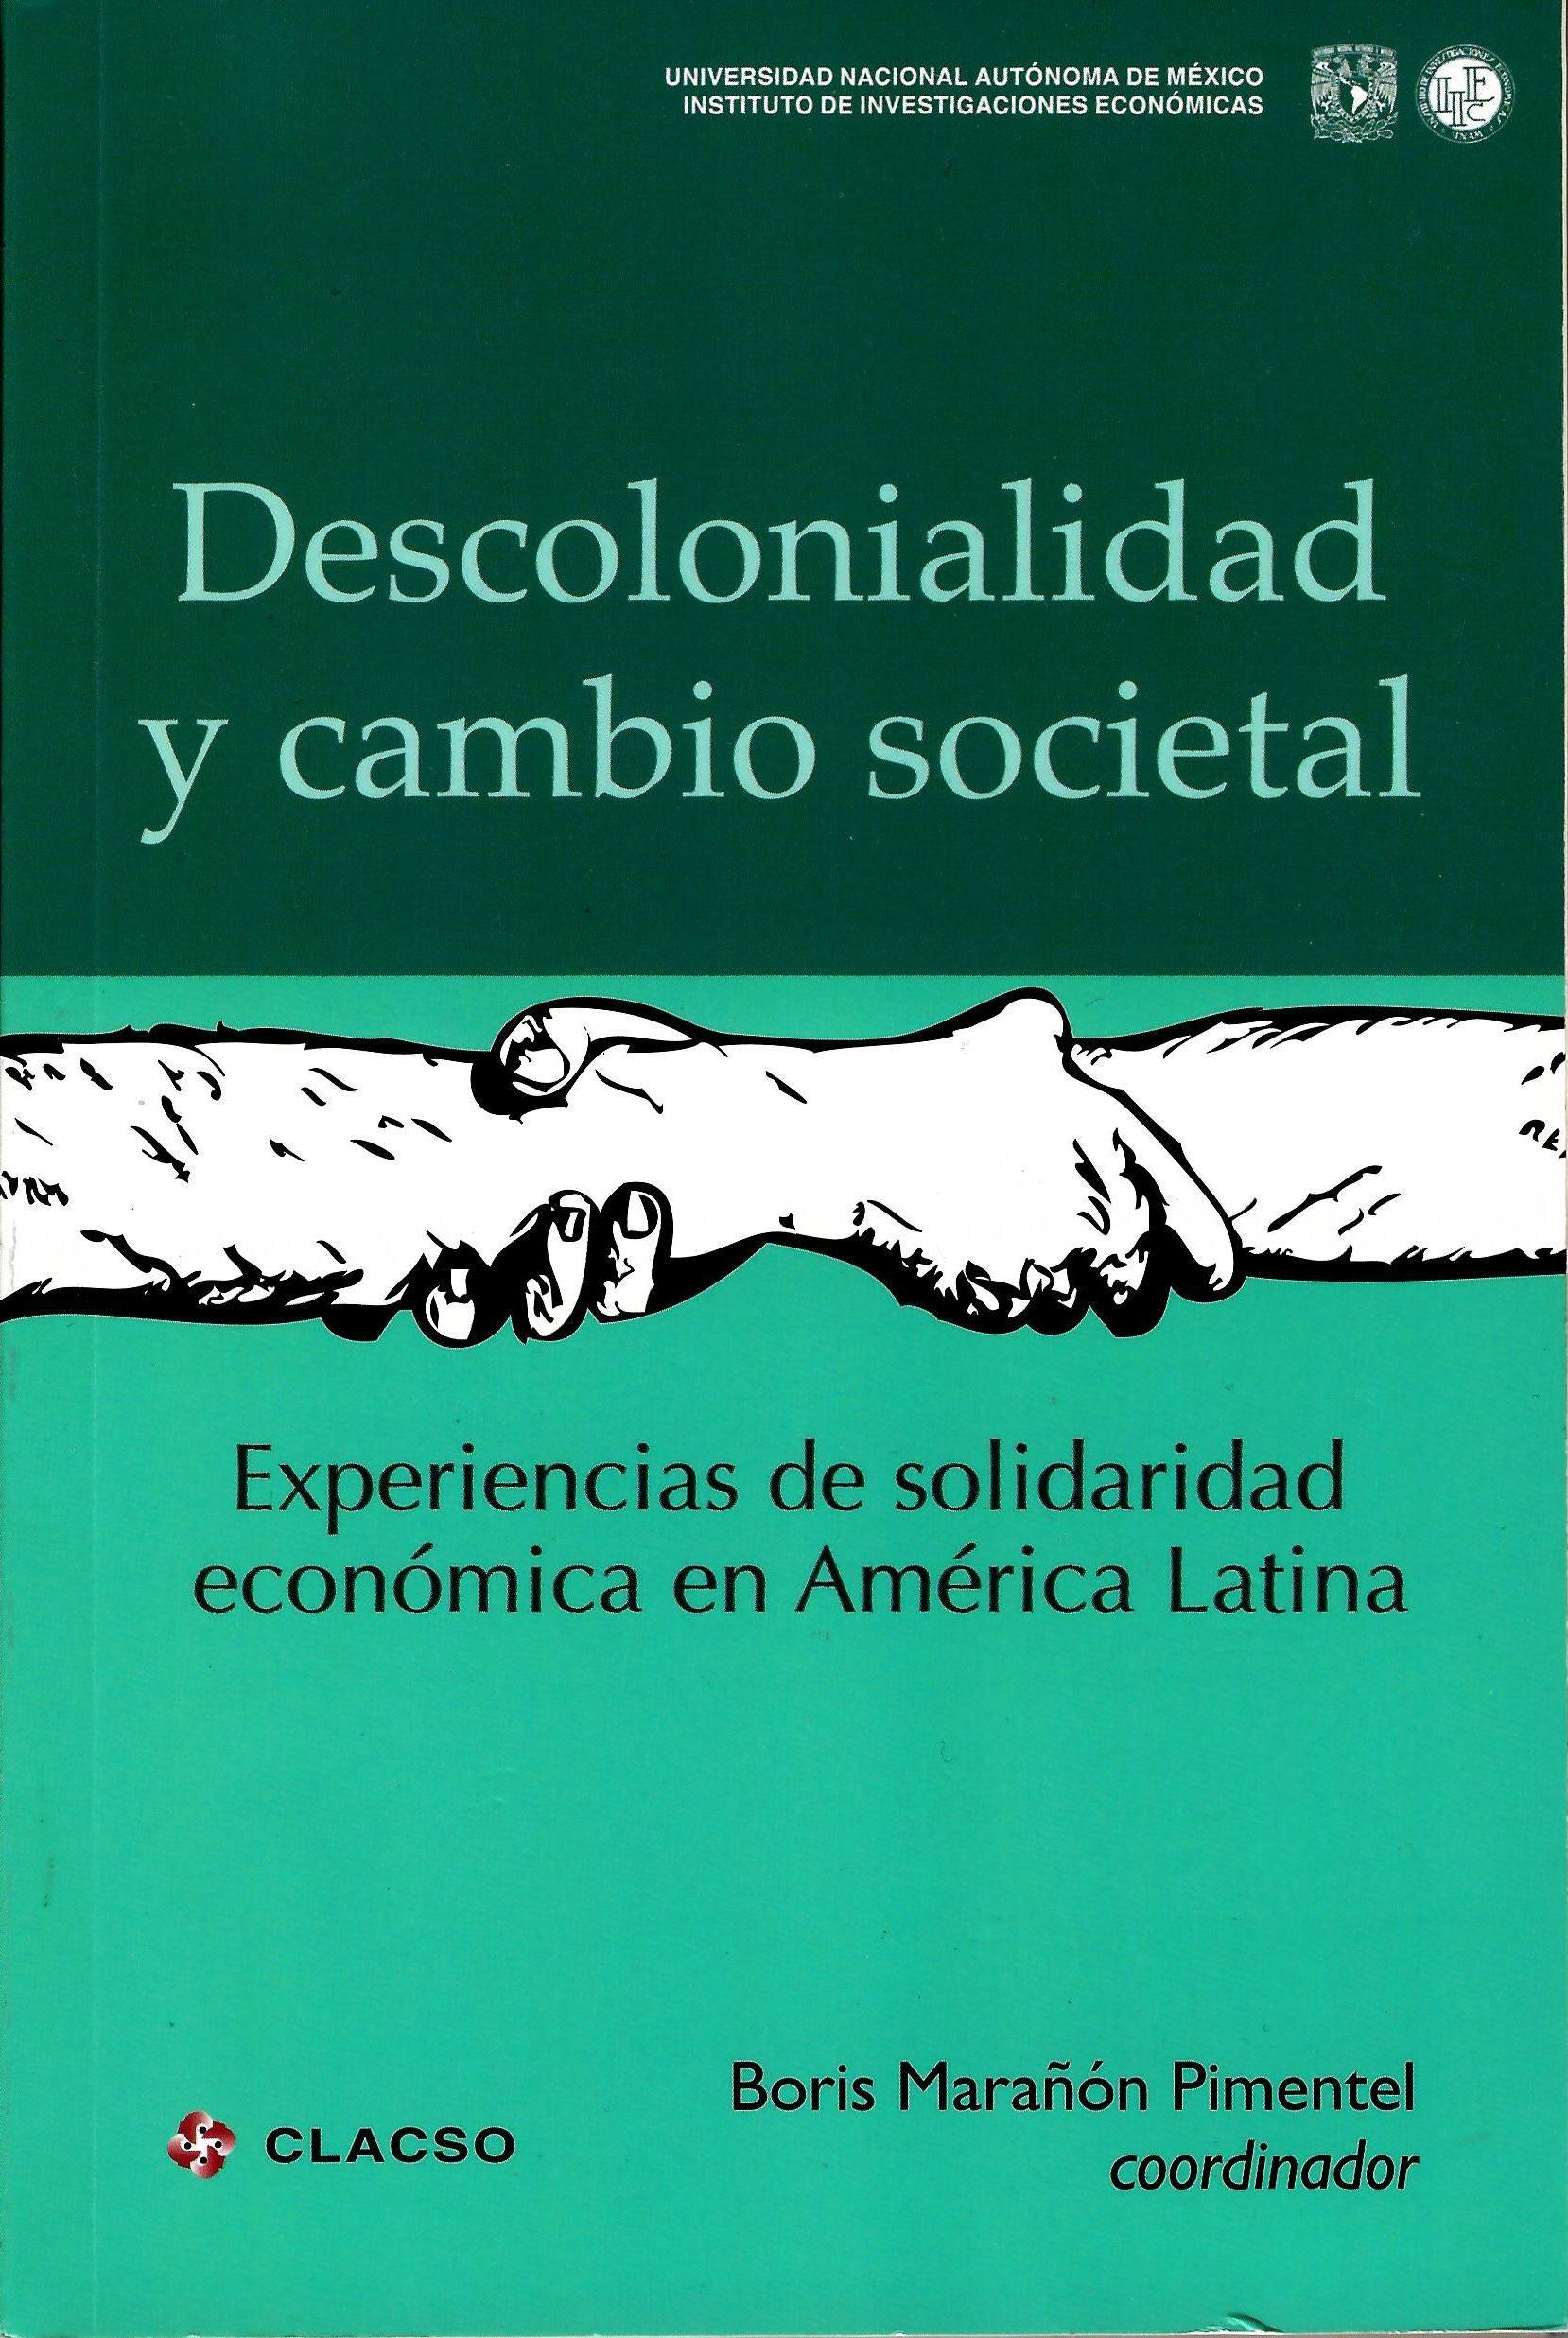 Descolonialidad y cambio societal